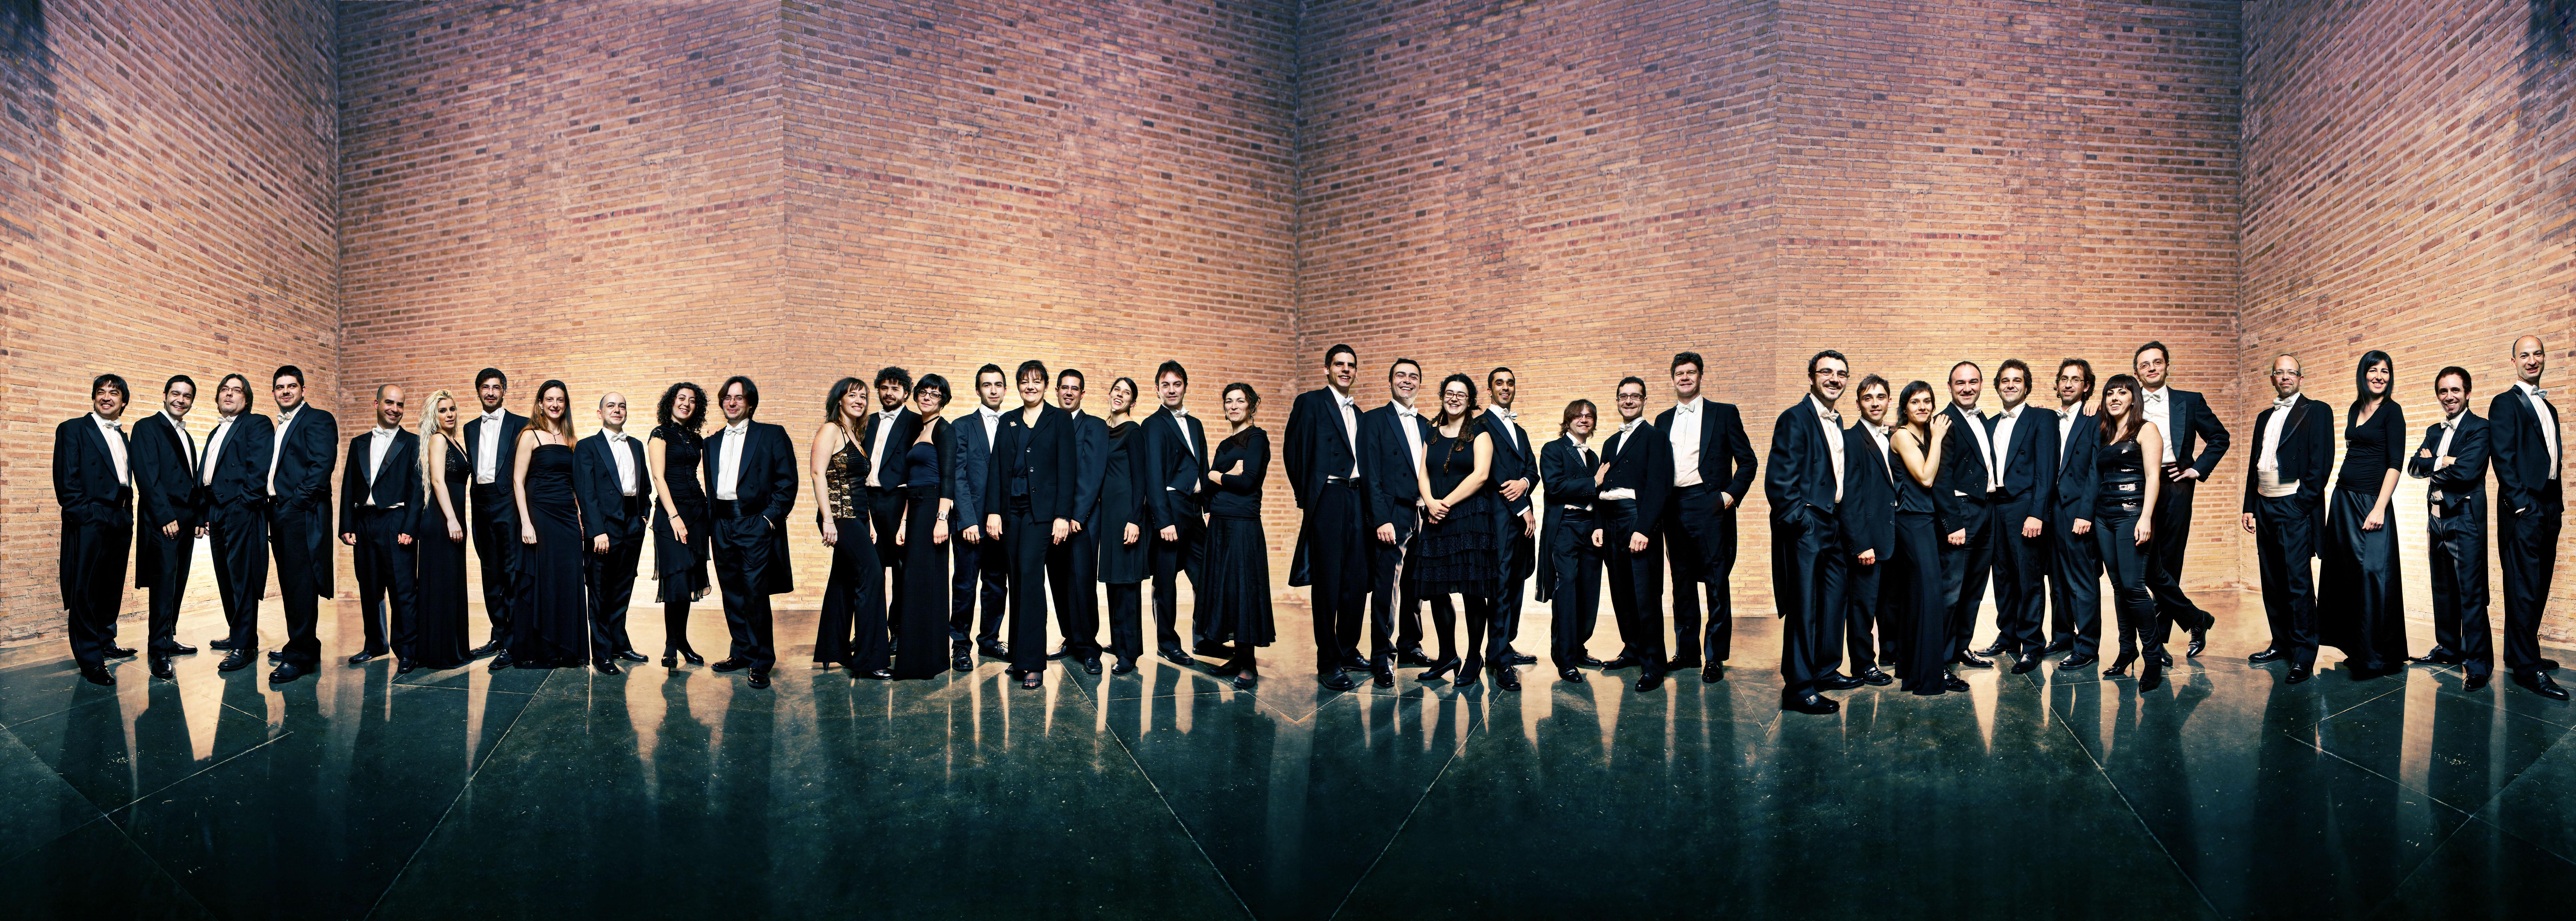 Gaudeix Mozart el Black Friday! - CANVI D'HORA